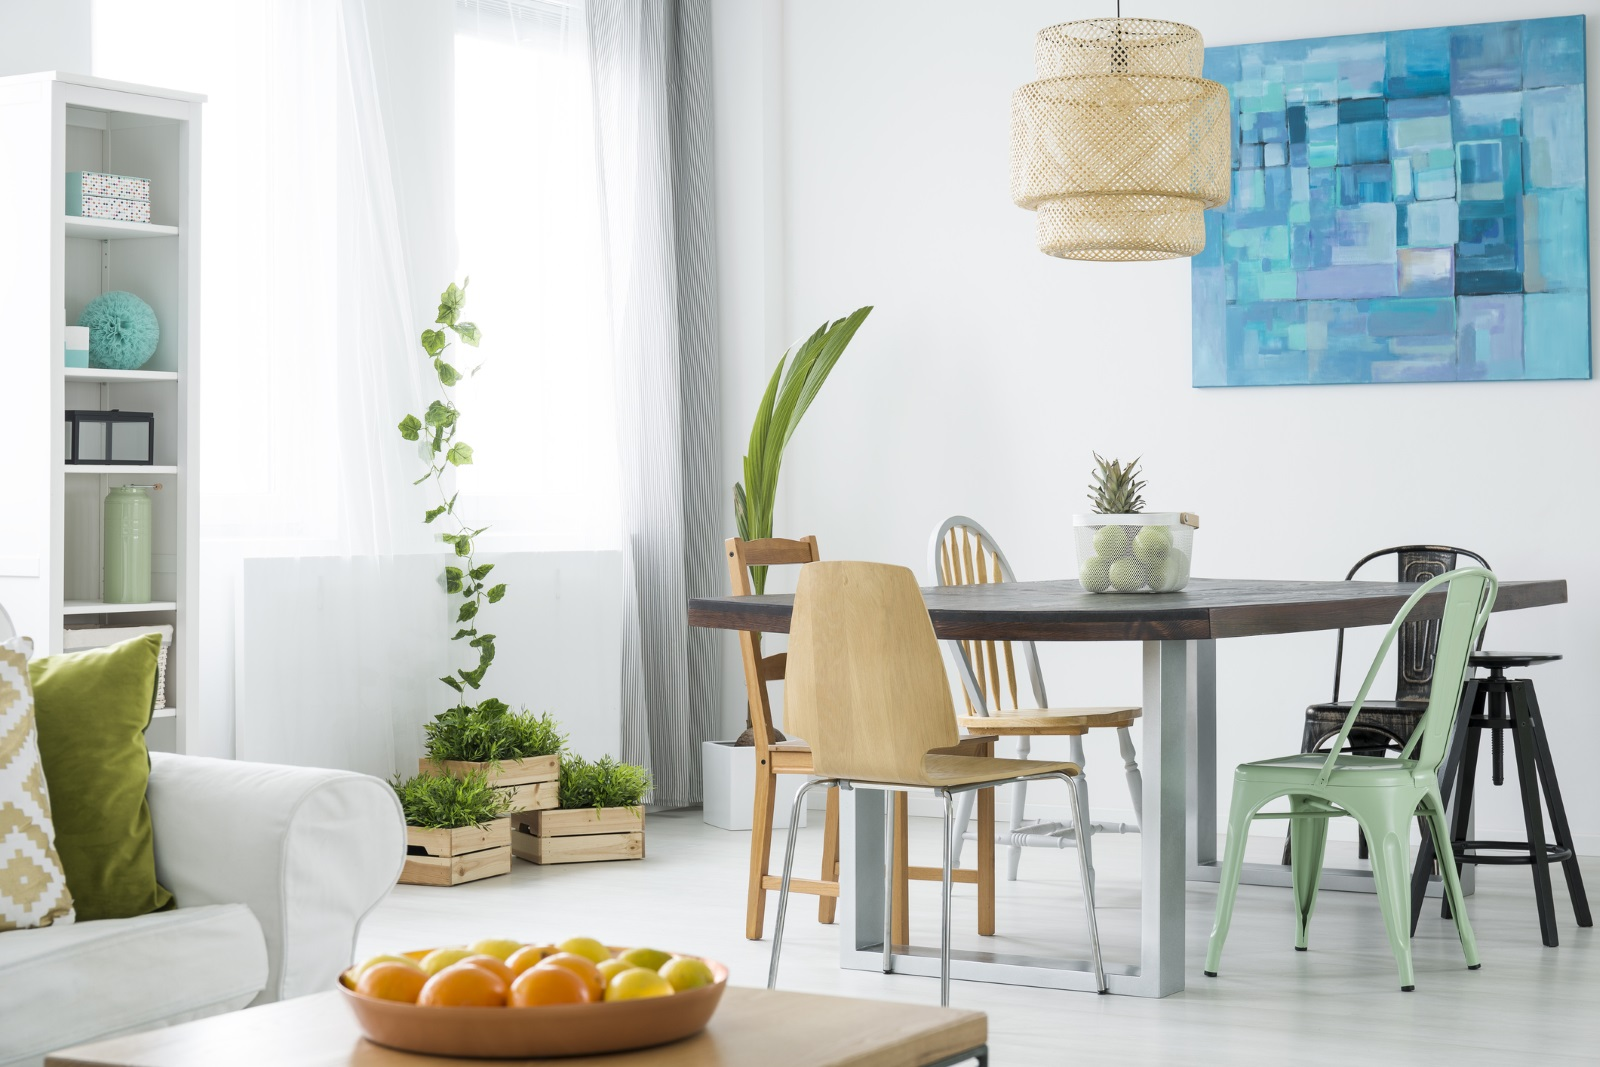 Други идеи, които можете да опитате, за да поддържате хармонията в дома, са столовете - те трябва да са четен брой. Той е символ на успех, докато нечетният брой – на самота.